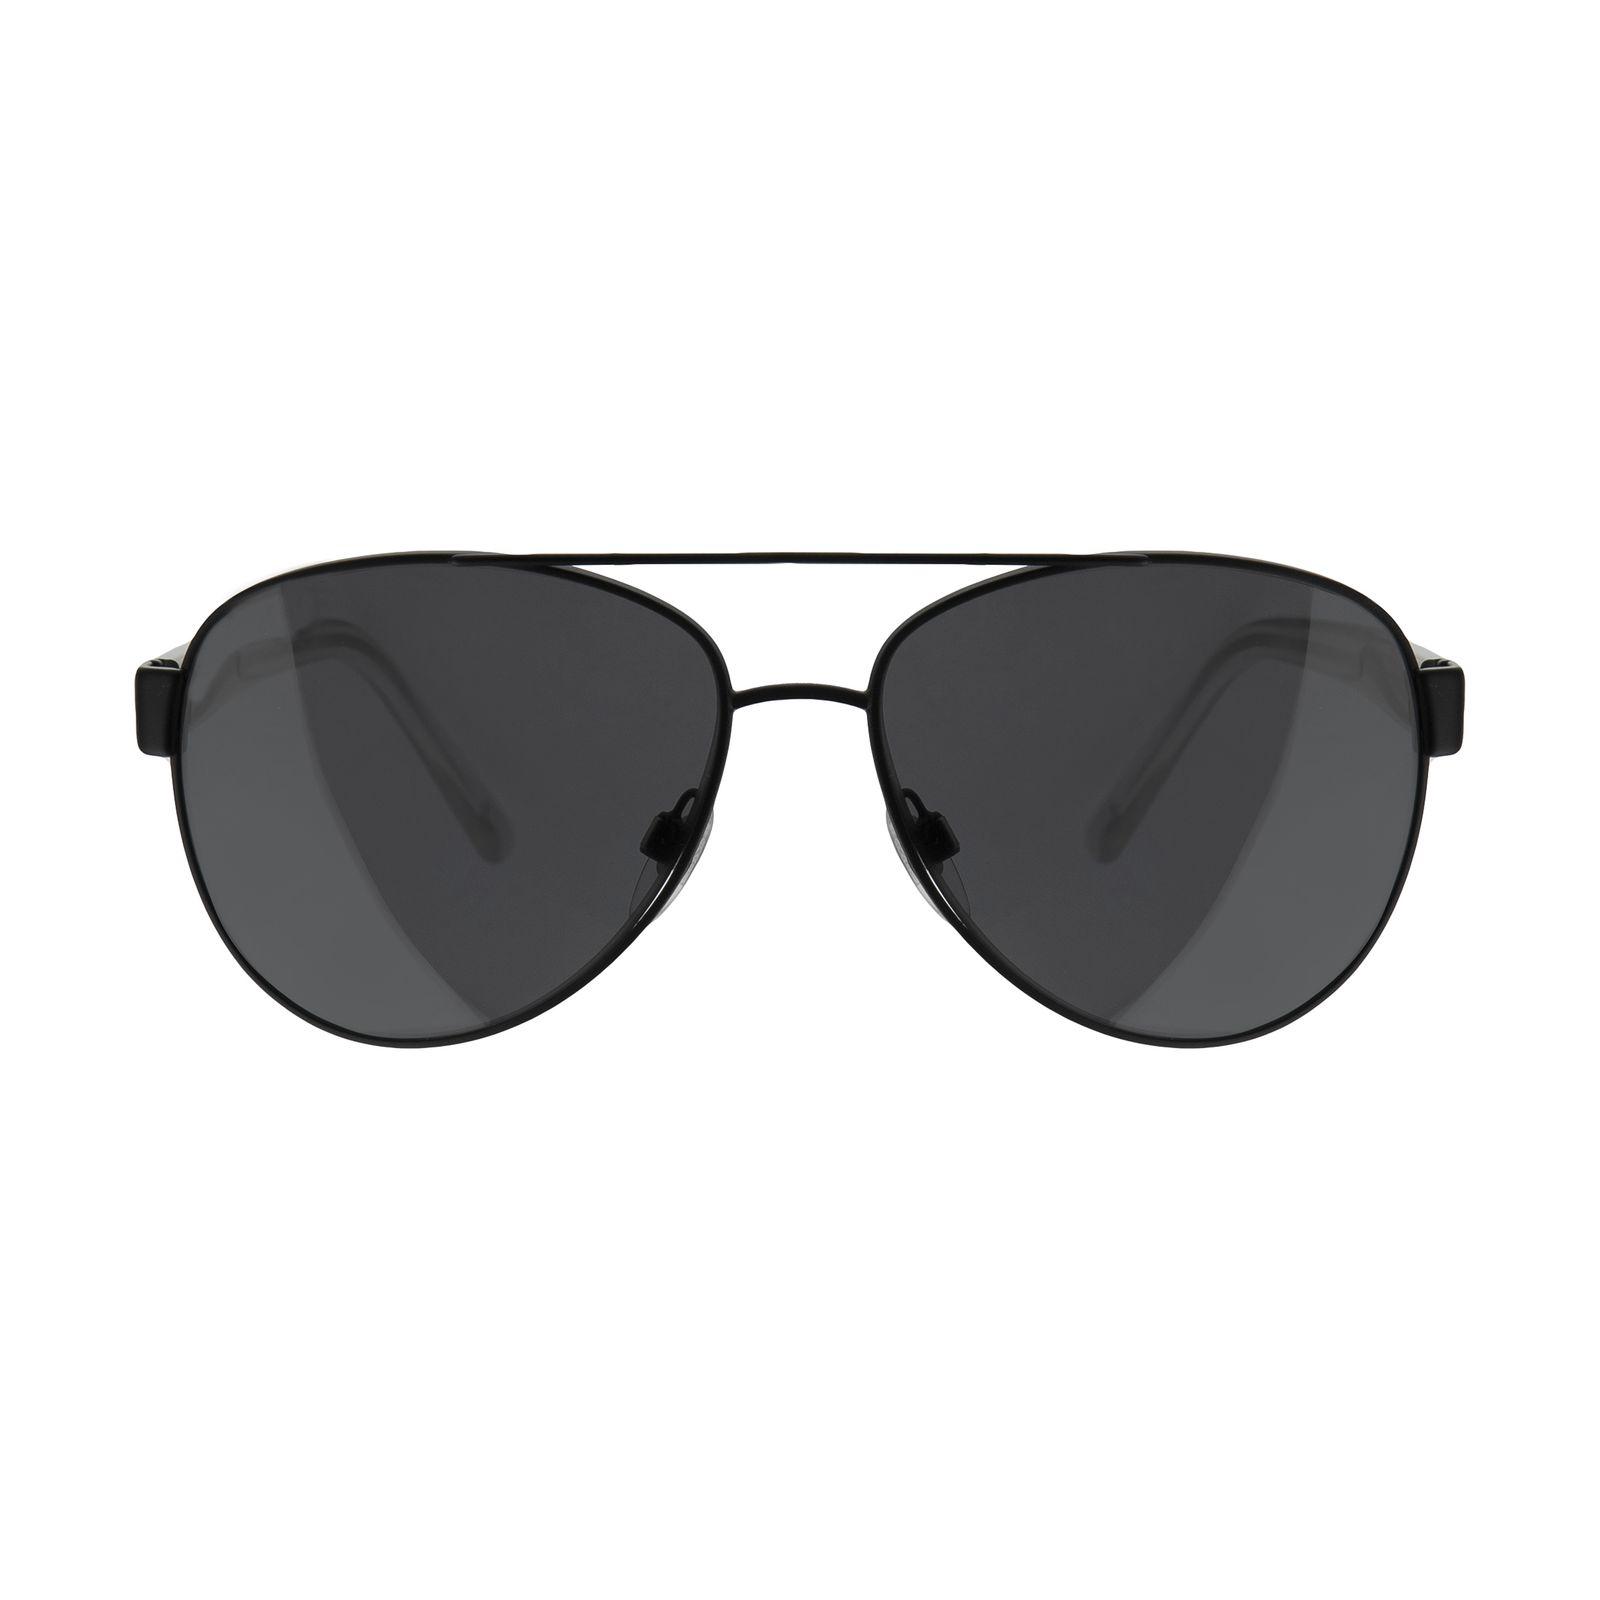 عینک آفتابی زنانه بربری مدل BE 3084S 122887 60 -  - 2